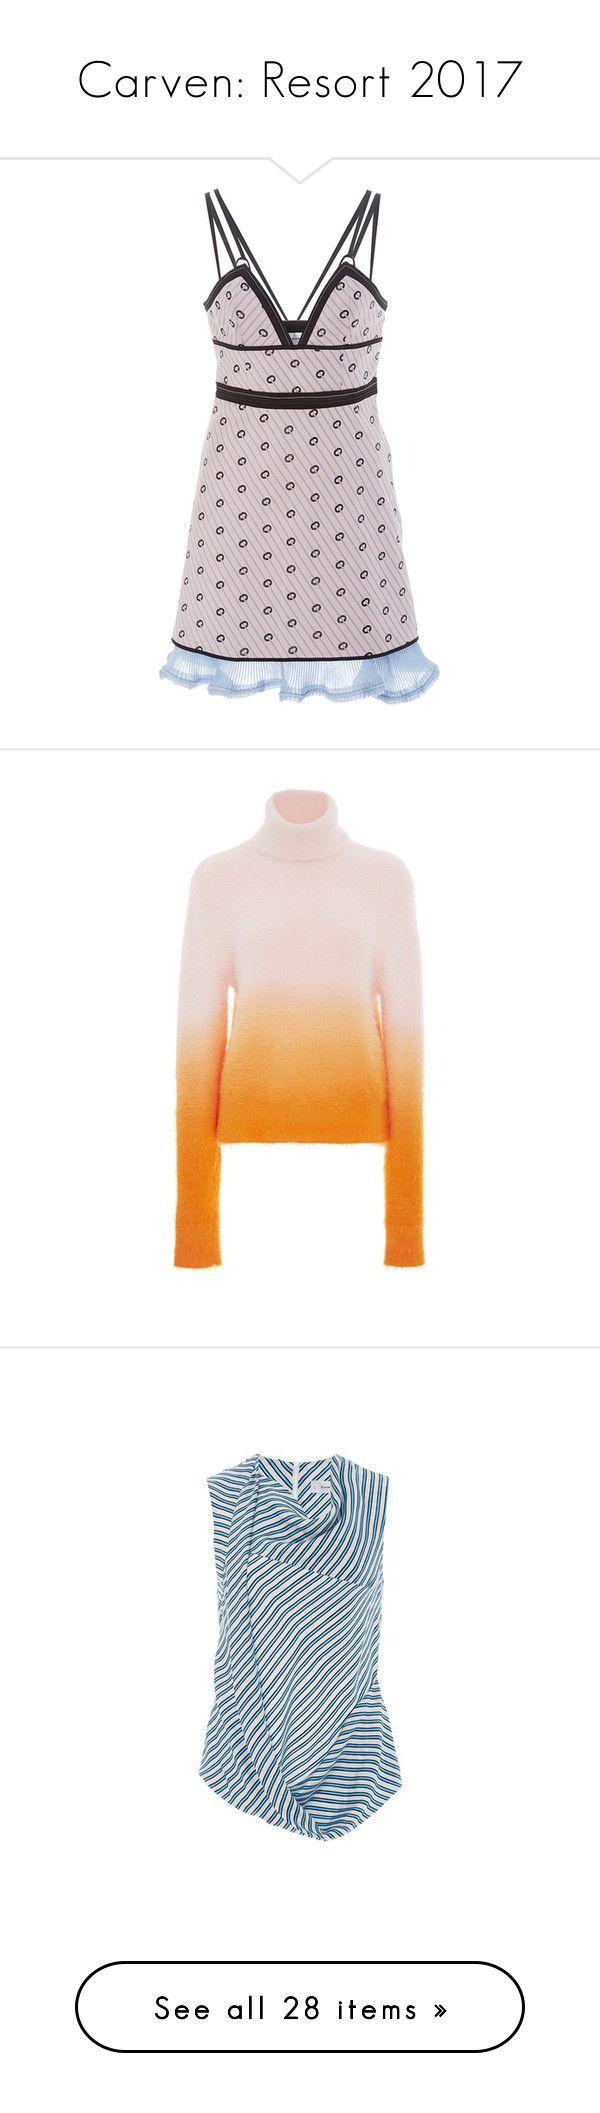 """""""Carven: Resort 2017"""" by livnd ❤ liked on Polyvore featuring carven, resort2017, dresses, v neck cocktail dress, metallic dress, metallic mini dress, pink metallic dress, pink mini dress, tops and sweaters"""